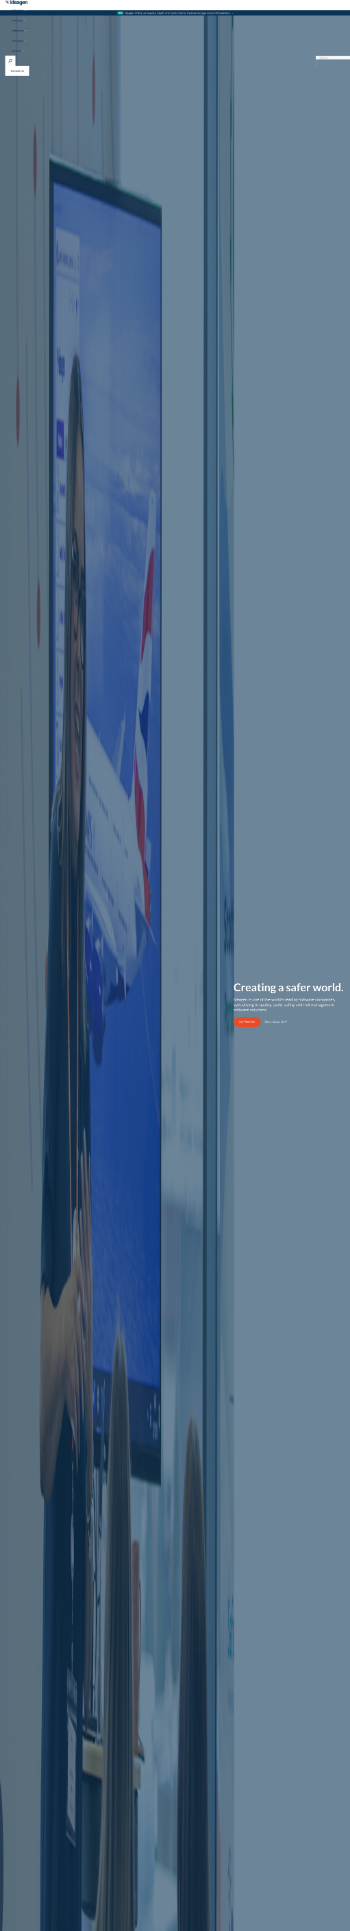 Ideagen plc Website Screenshot